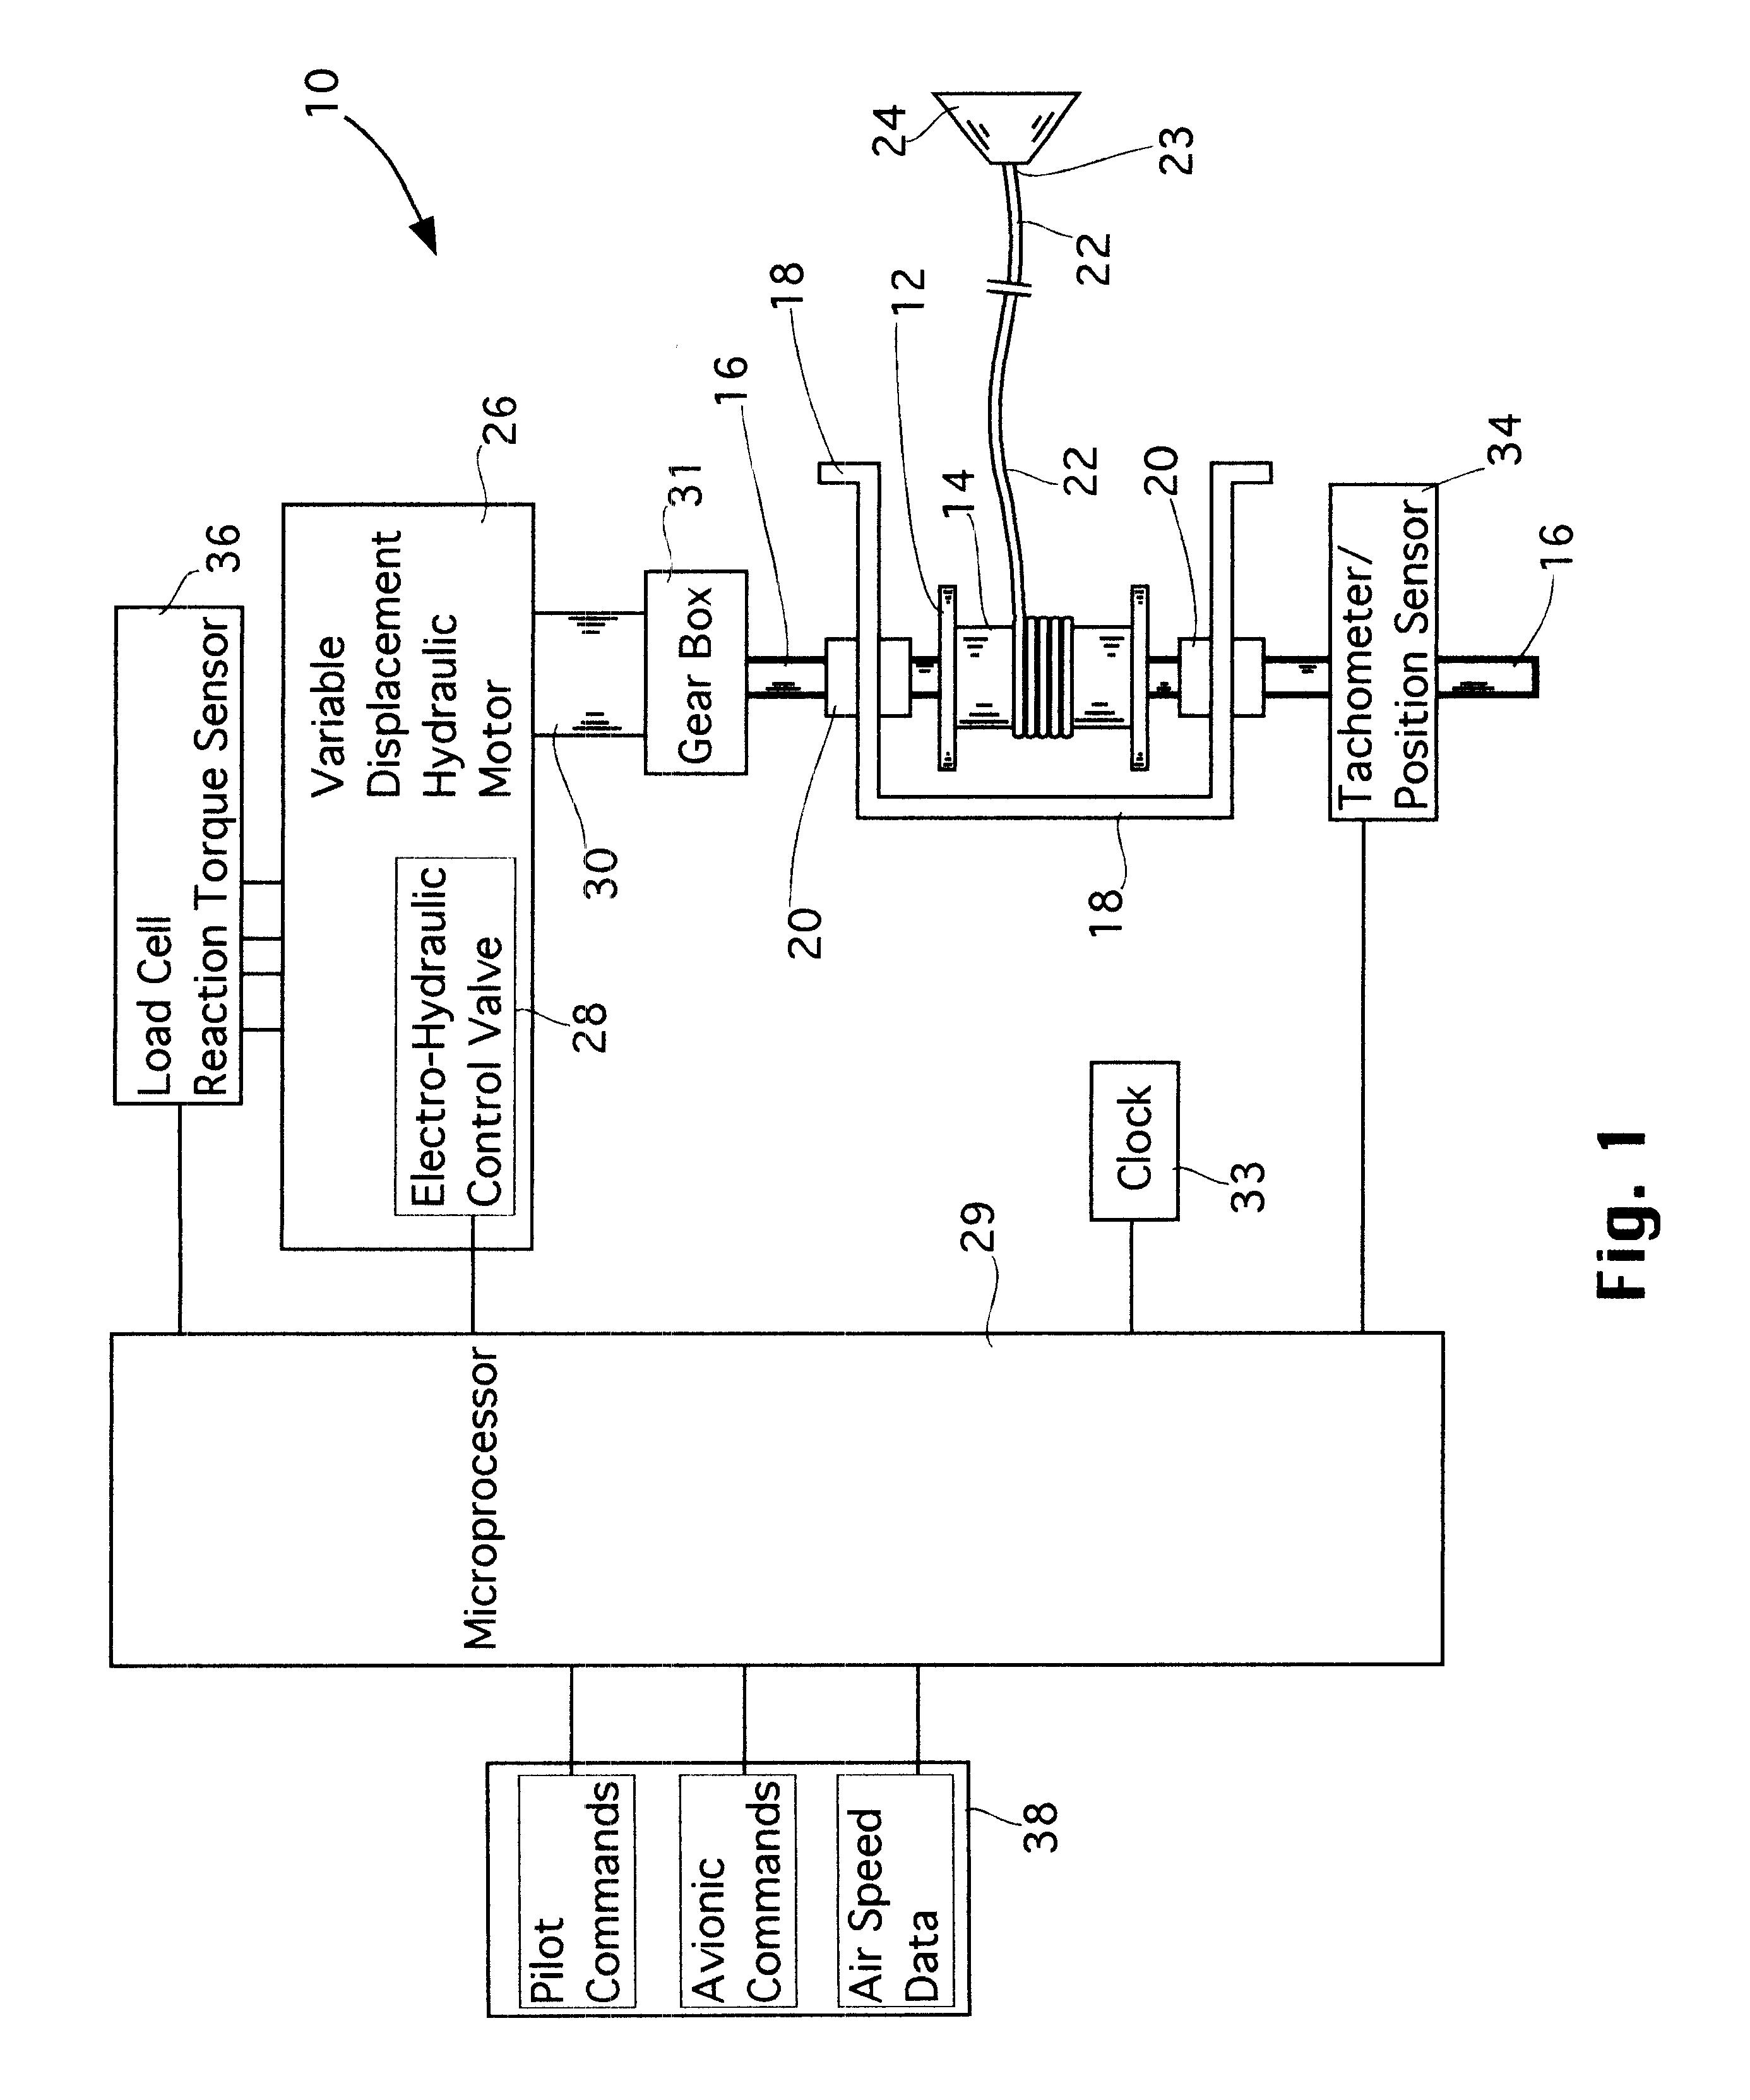 patent us6454212